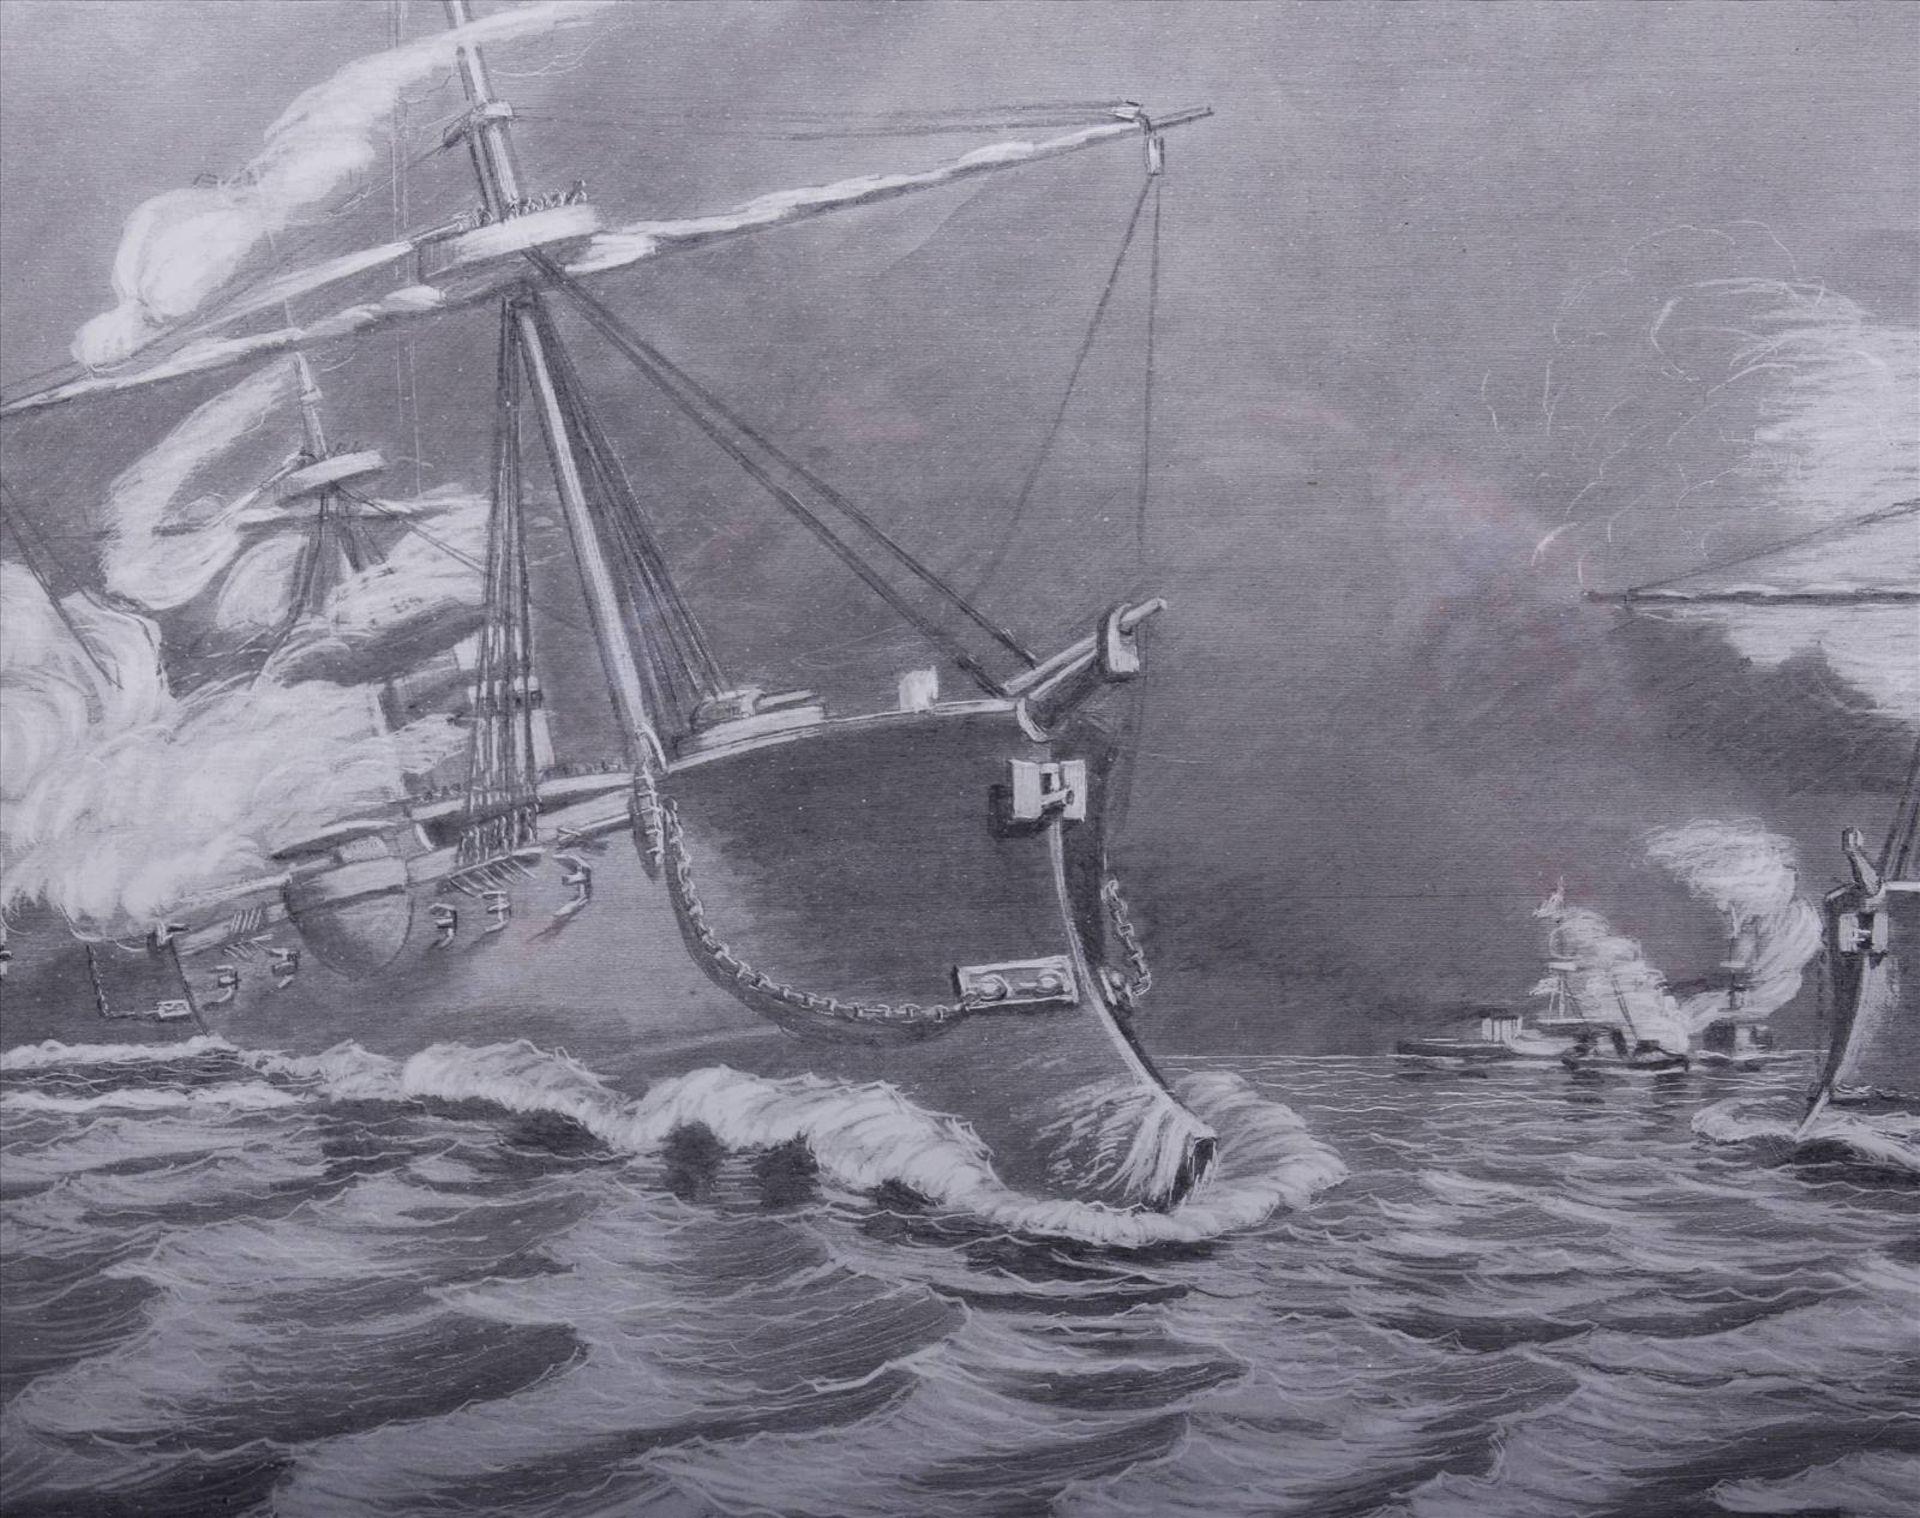 Wilhelm Prinz von Preußen, Kriegsschiffe der MarineDruck nach einem Gemälde, 1886, u.r. im Blatt - Bild 3 aus 6